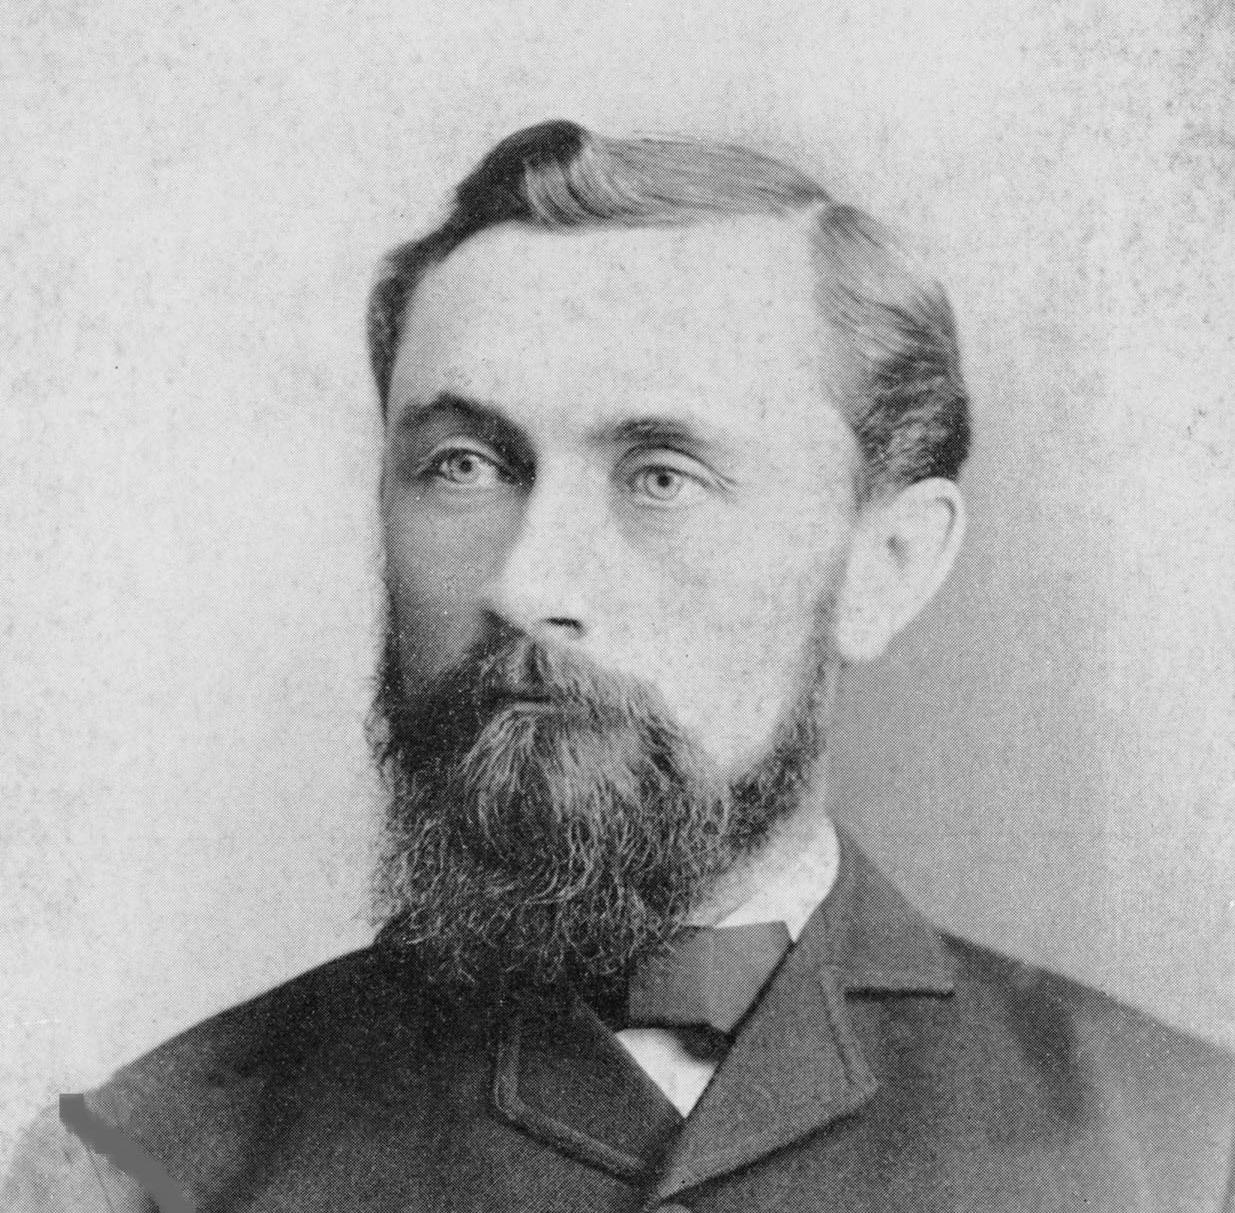 President Jones